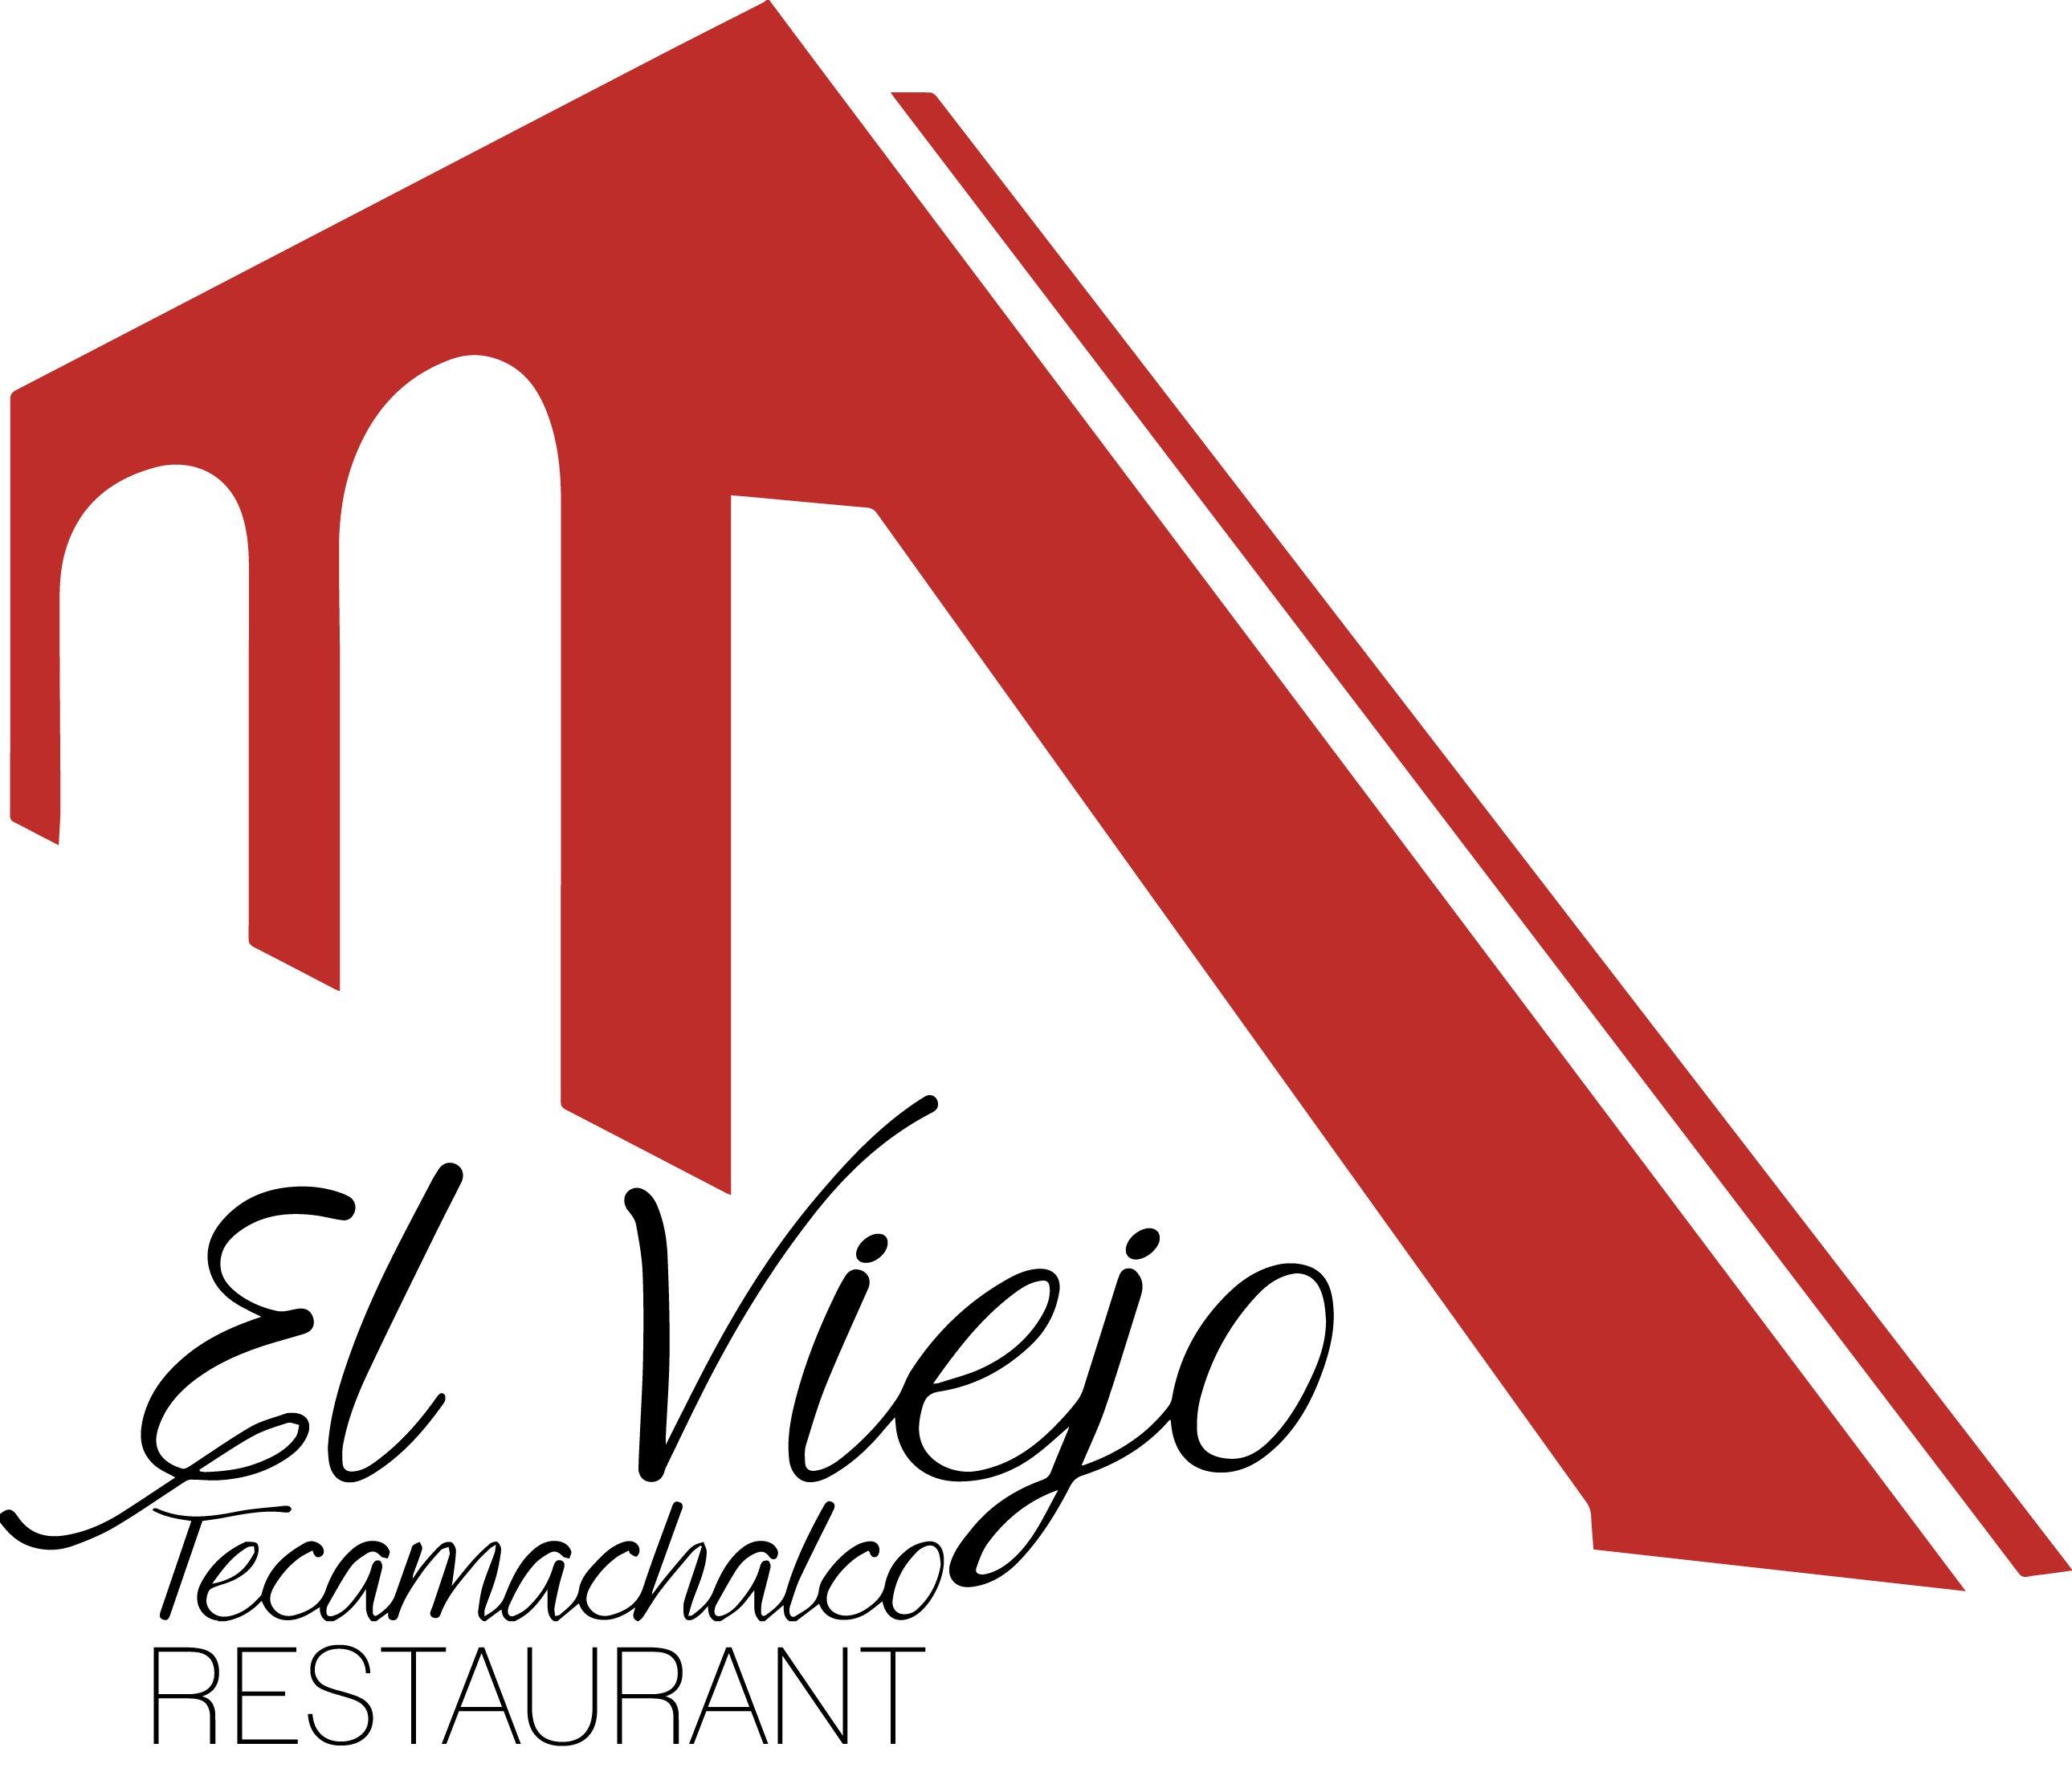 El Viejo Tecamachalco